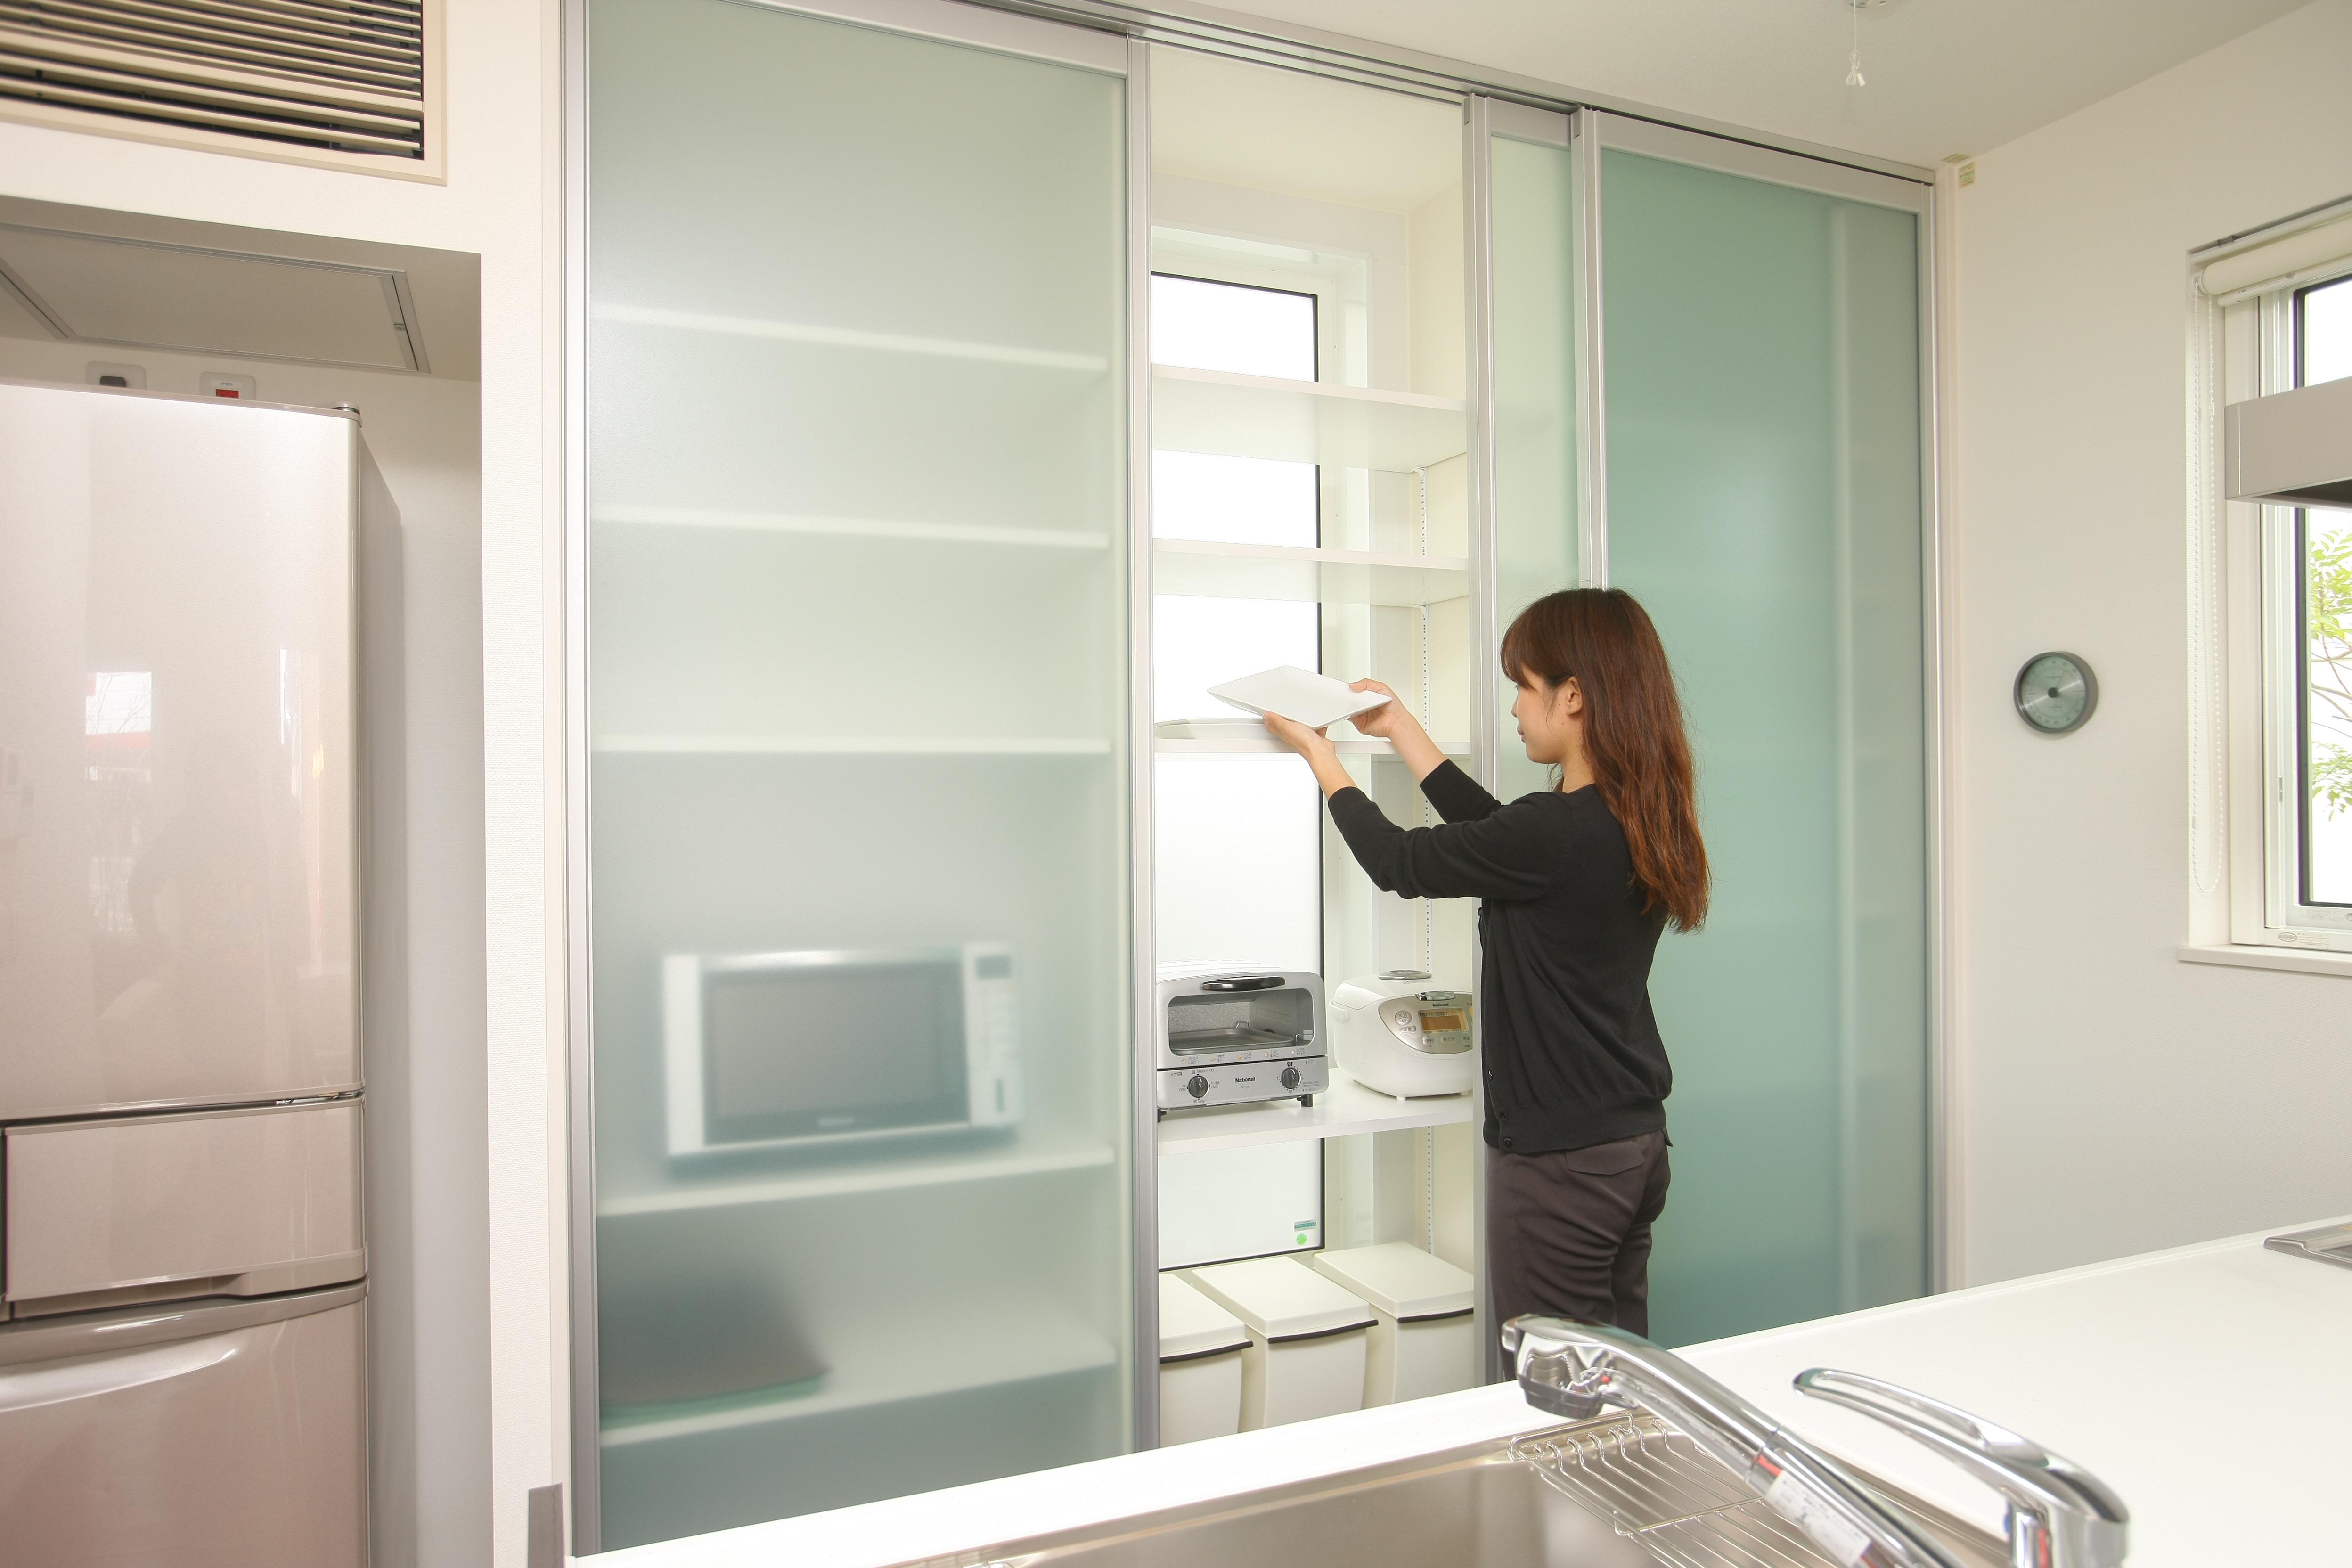 トキノハウス(常盤工業)【浜松市東区和田町805番地・モデルハウス】食器や料理家電を自然に隠せるキッチンの食器棚。棚は可動棚とし、奥様が使いやすい配置に設定することも可能。完全に隠す扉として使用することもできる